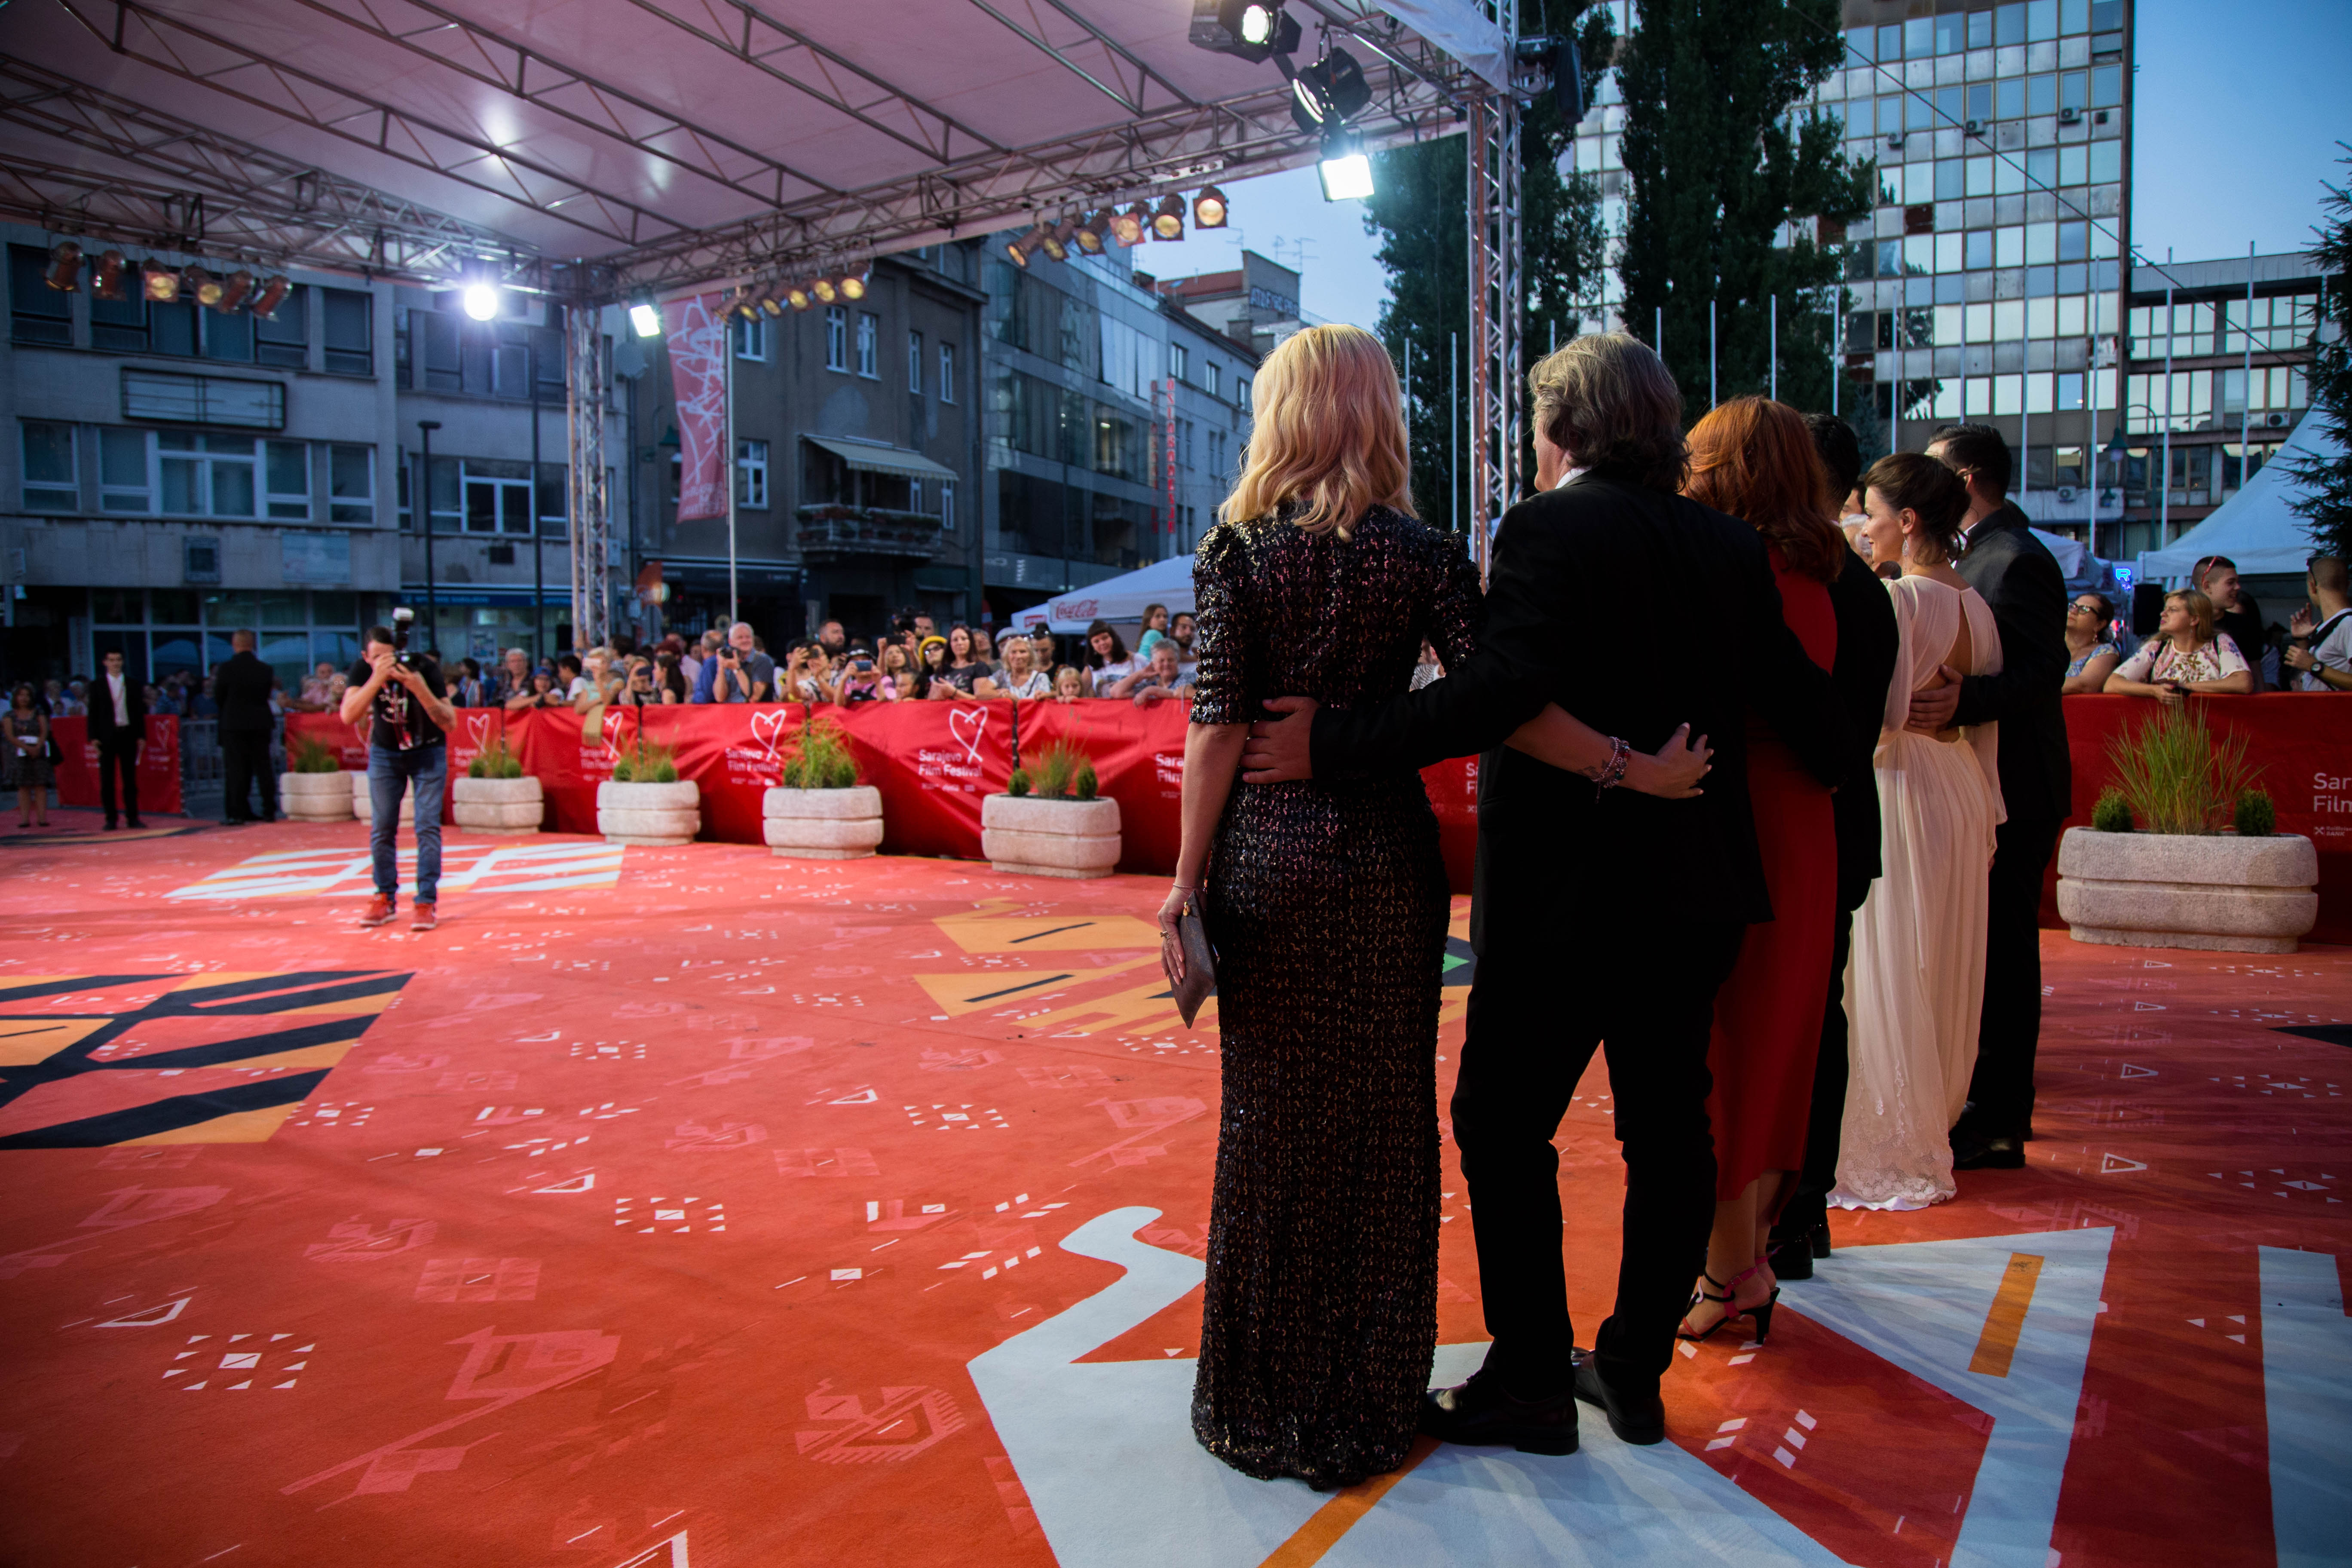 cetvrta noc sarajevo film festival senka catic (26)